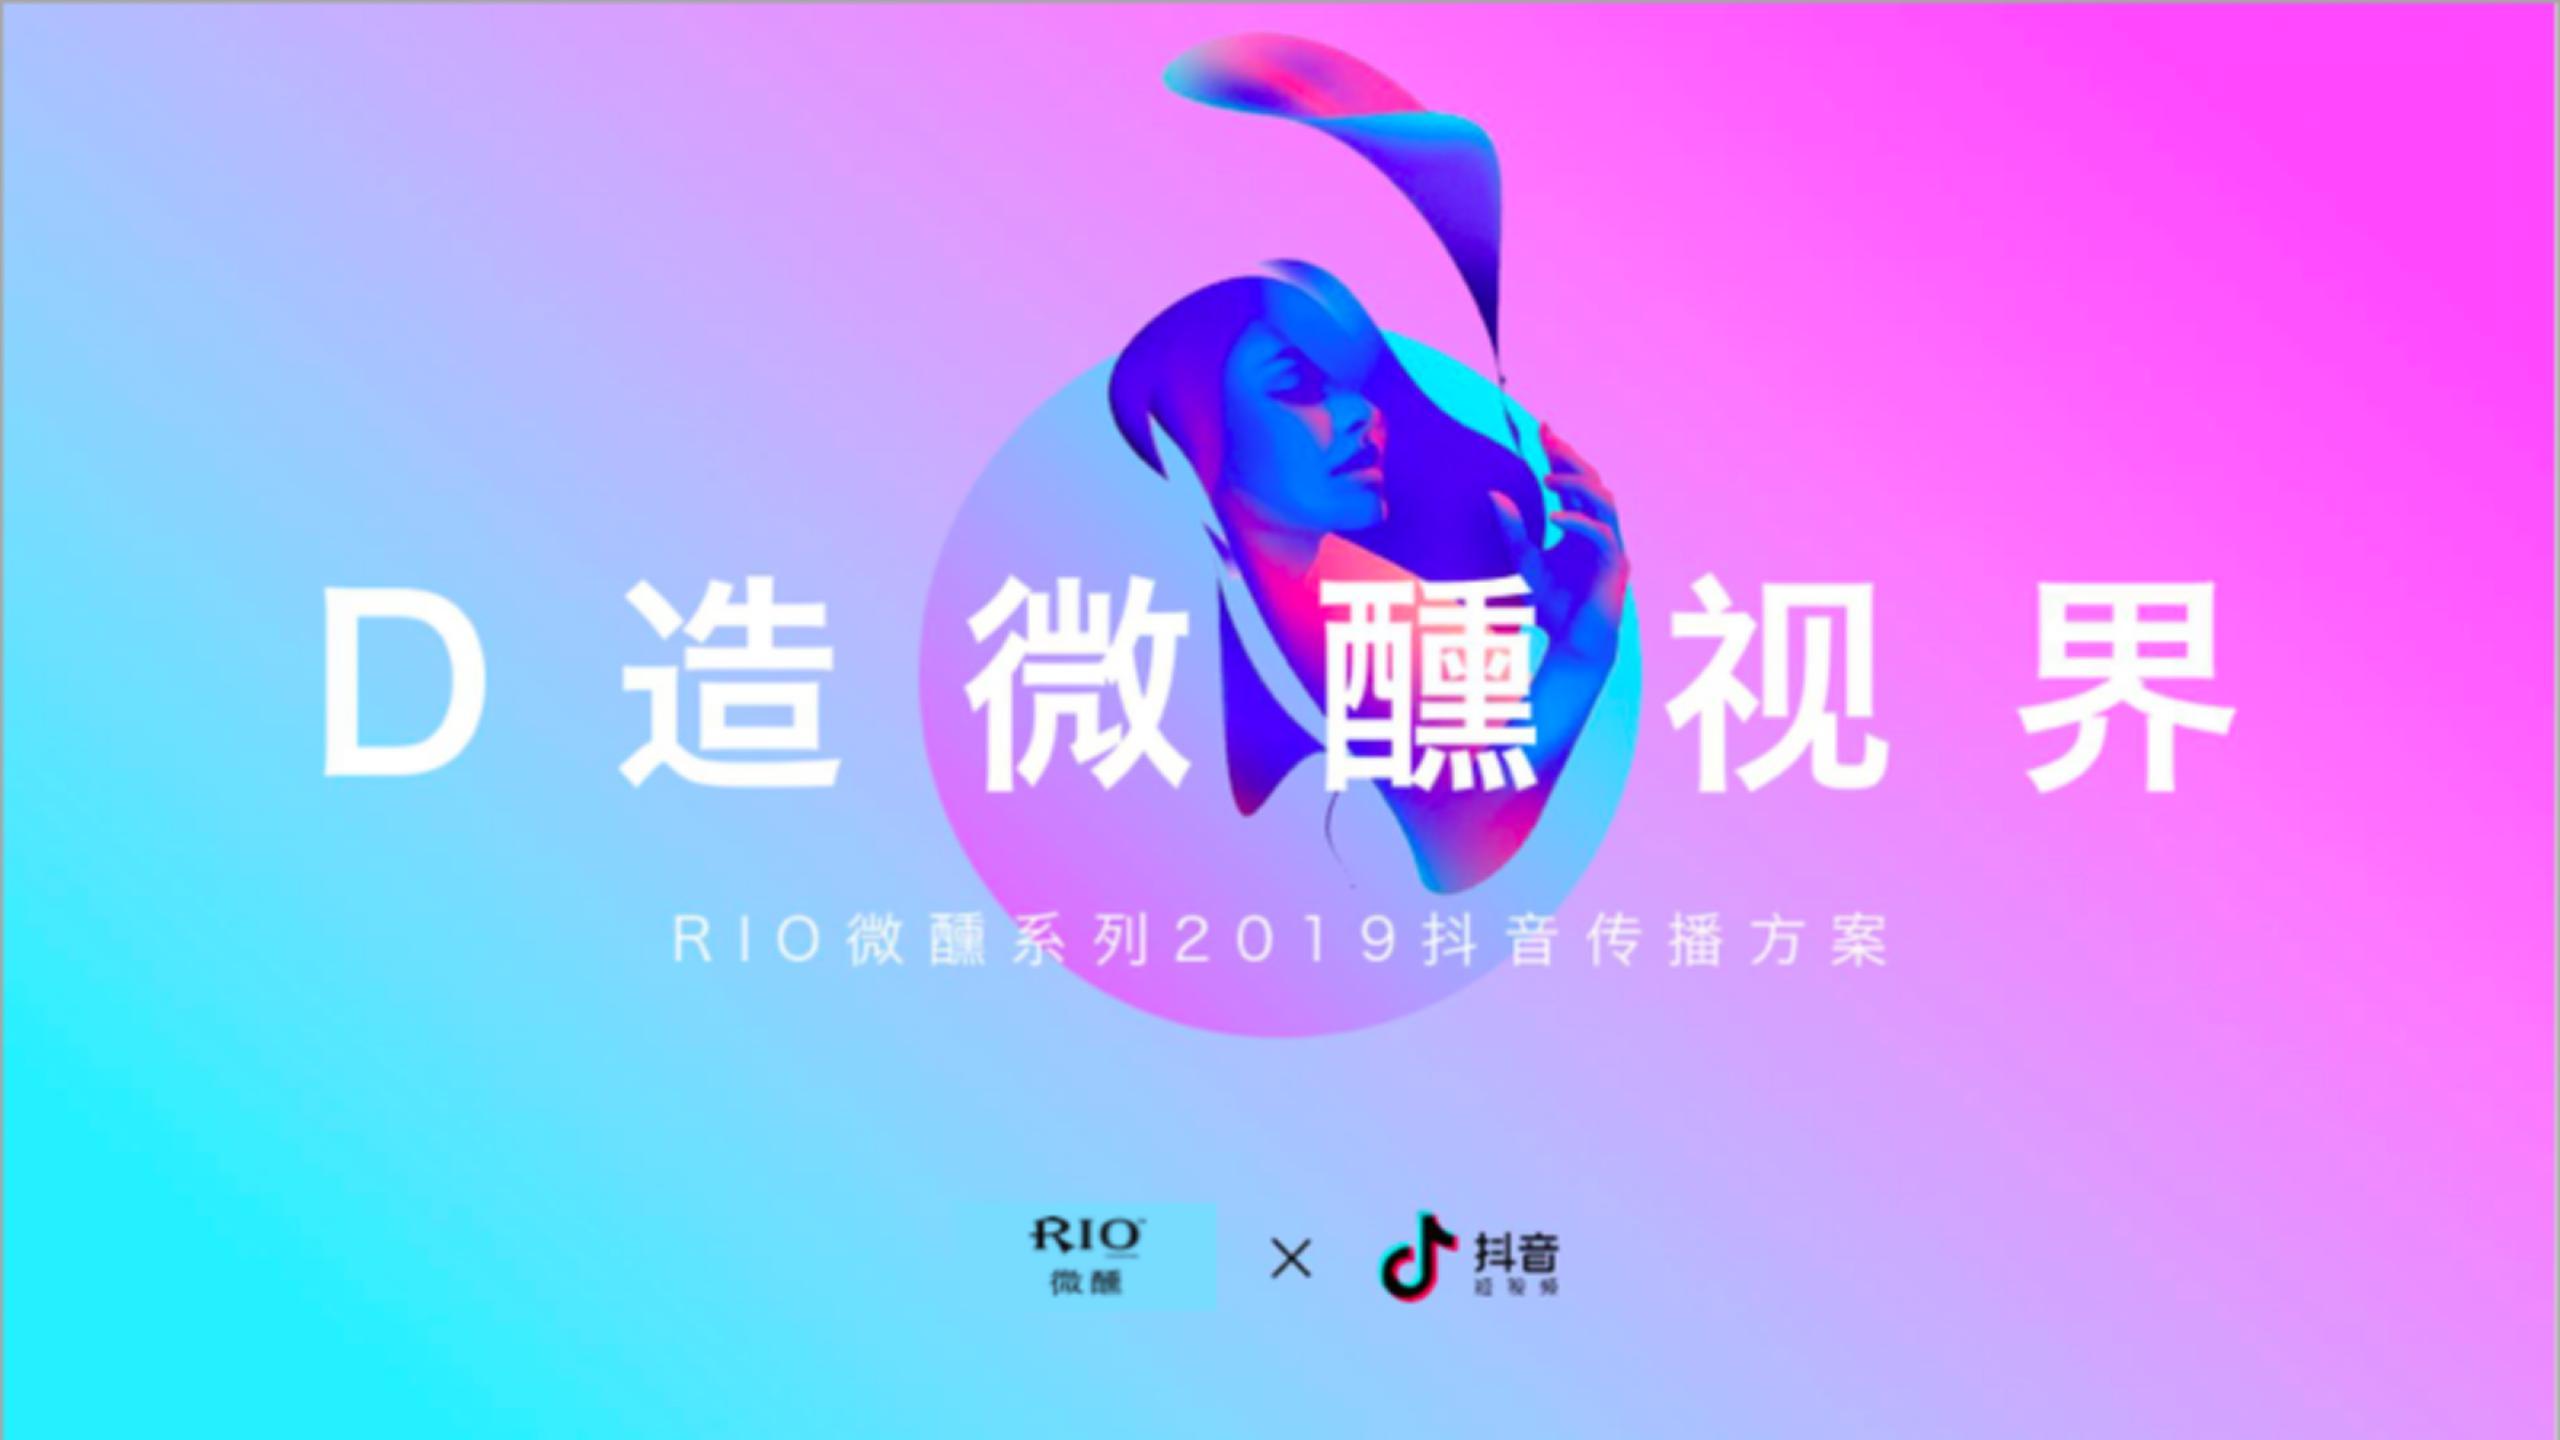 2019RIO微醺系列抖音传播营销方案,快消品线上营销策略